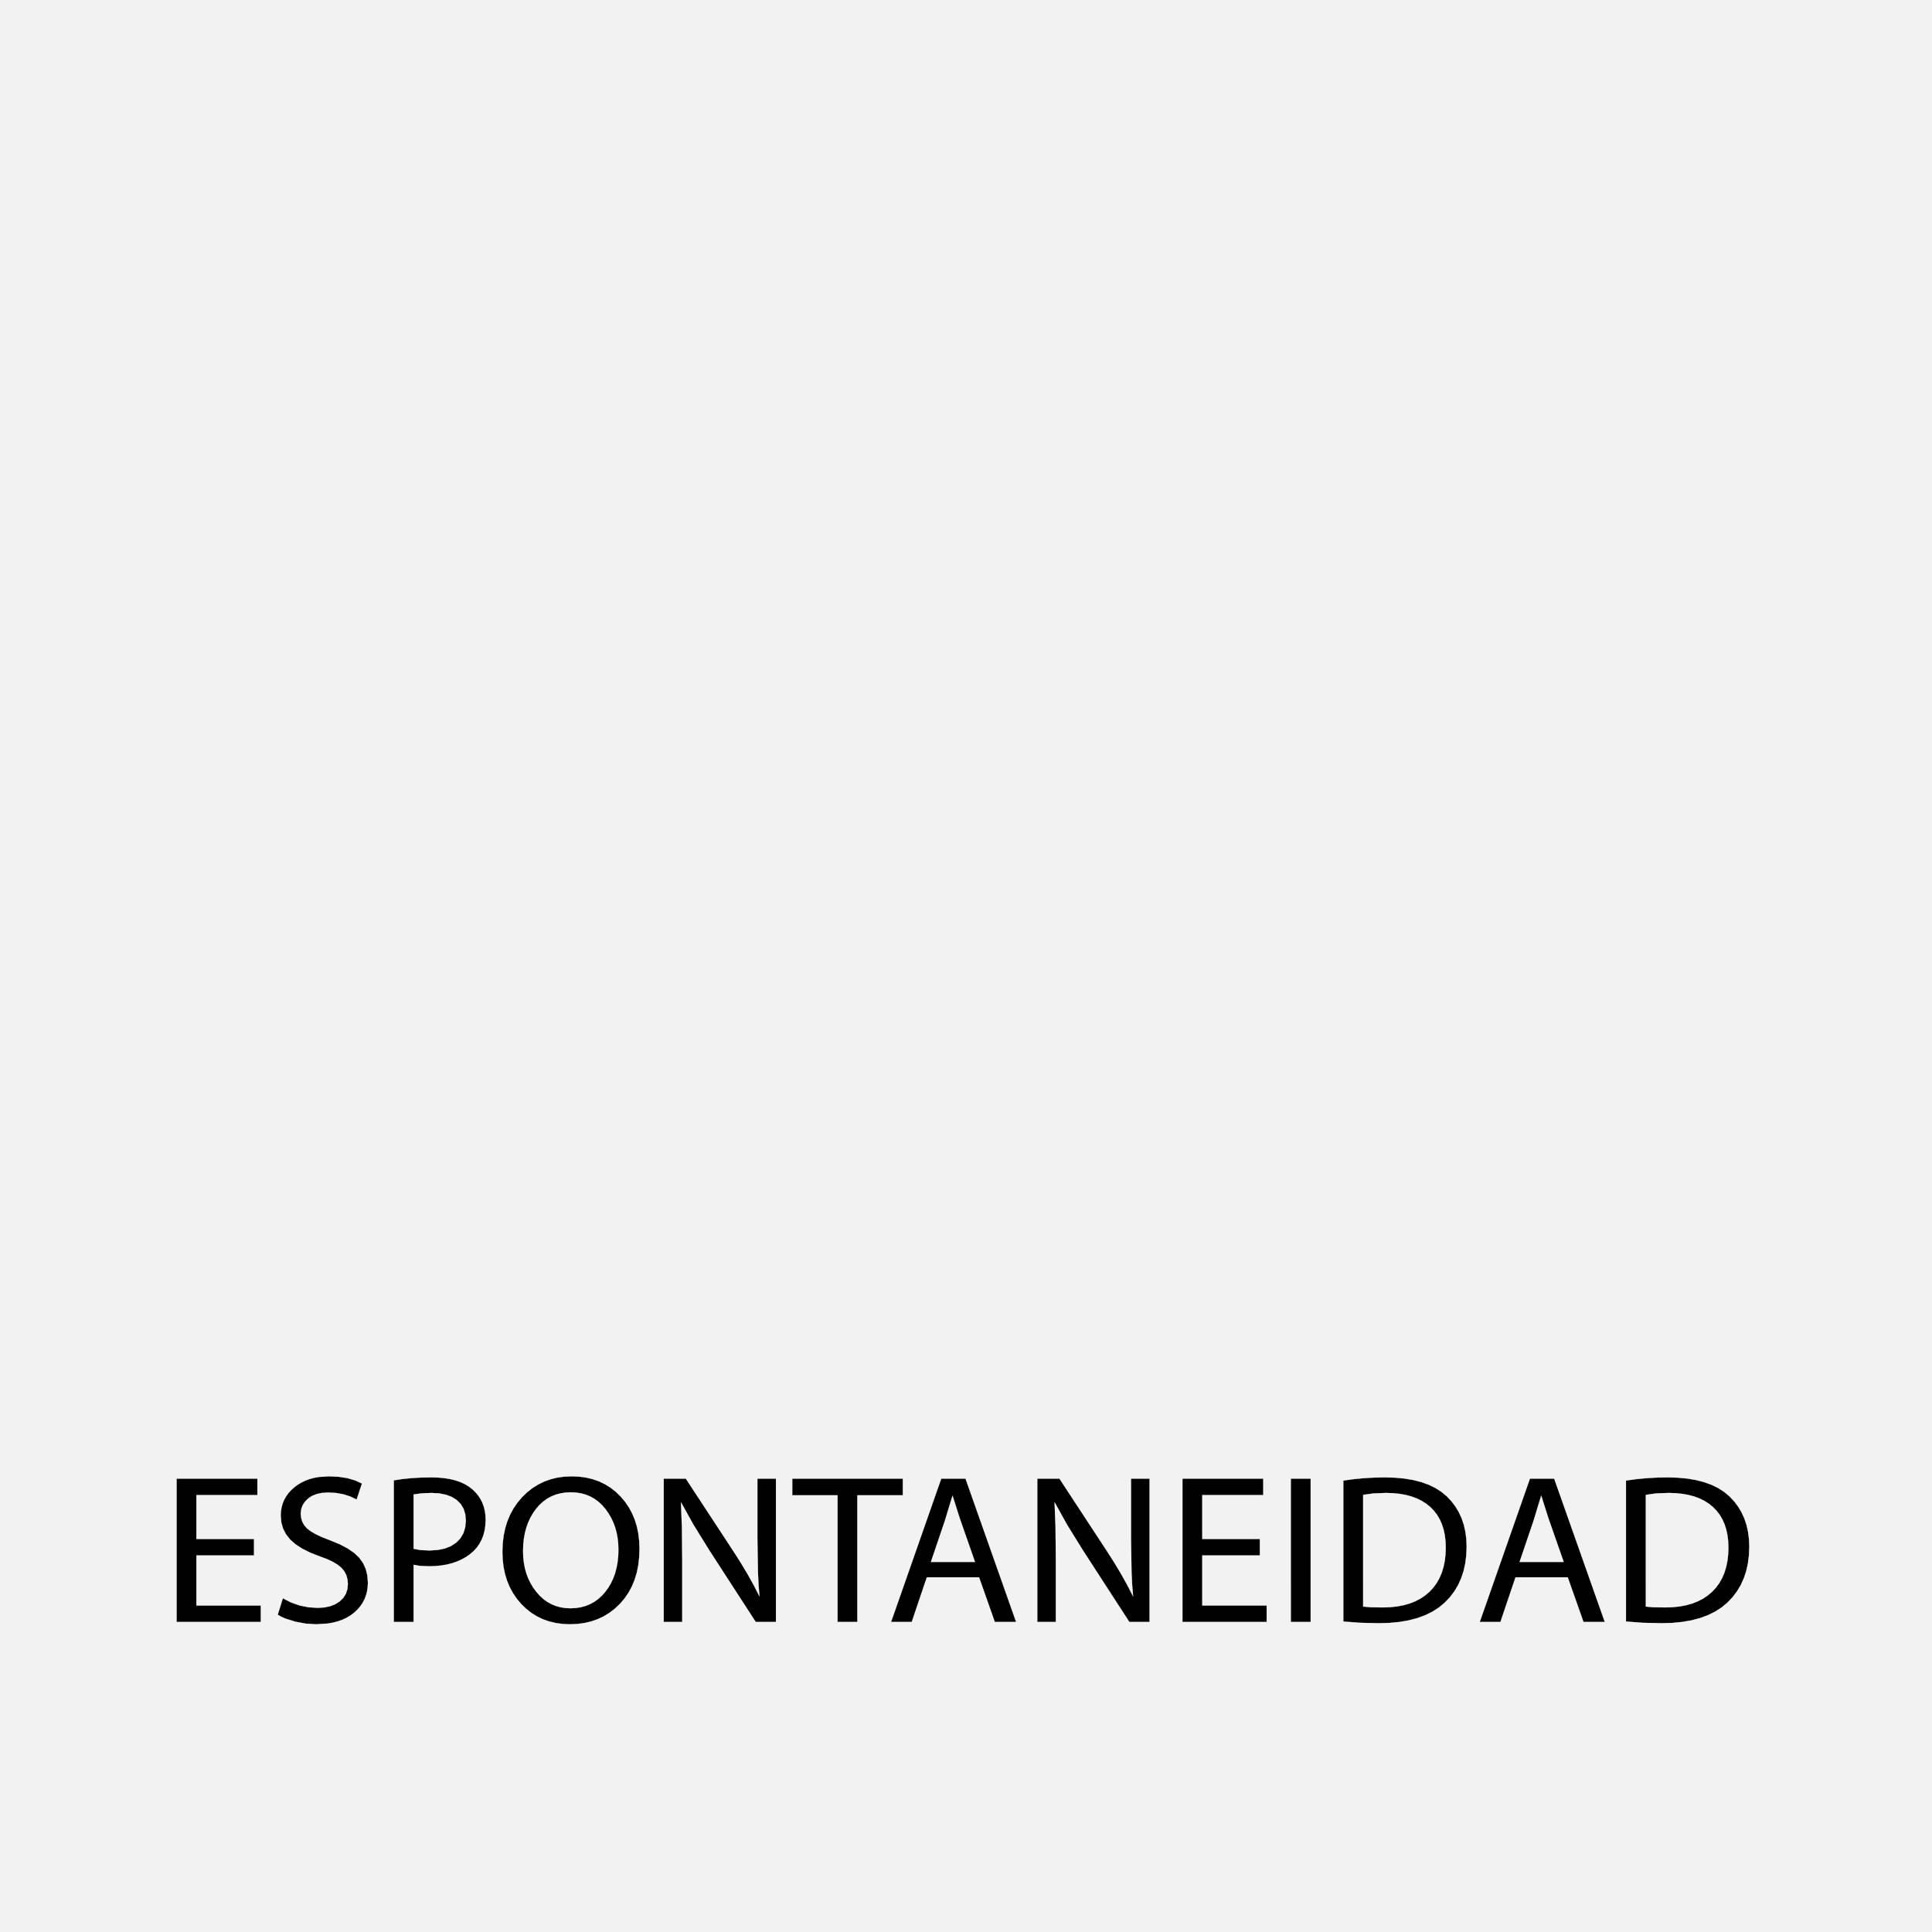 Espontaneidad95Gris.jpg